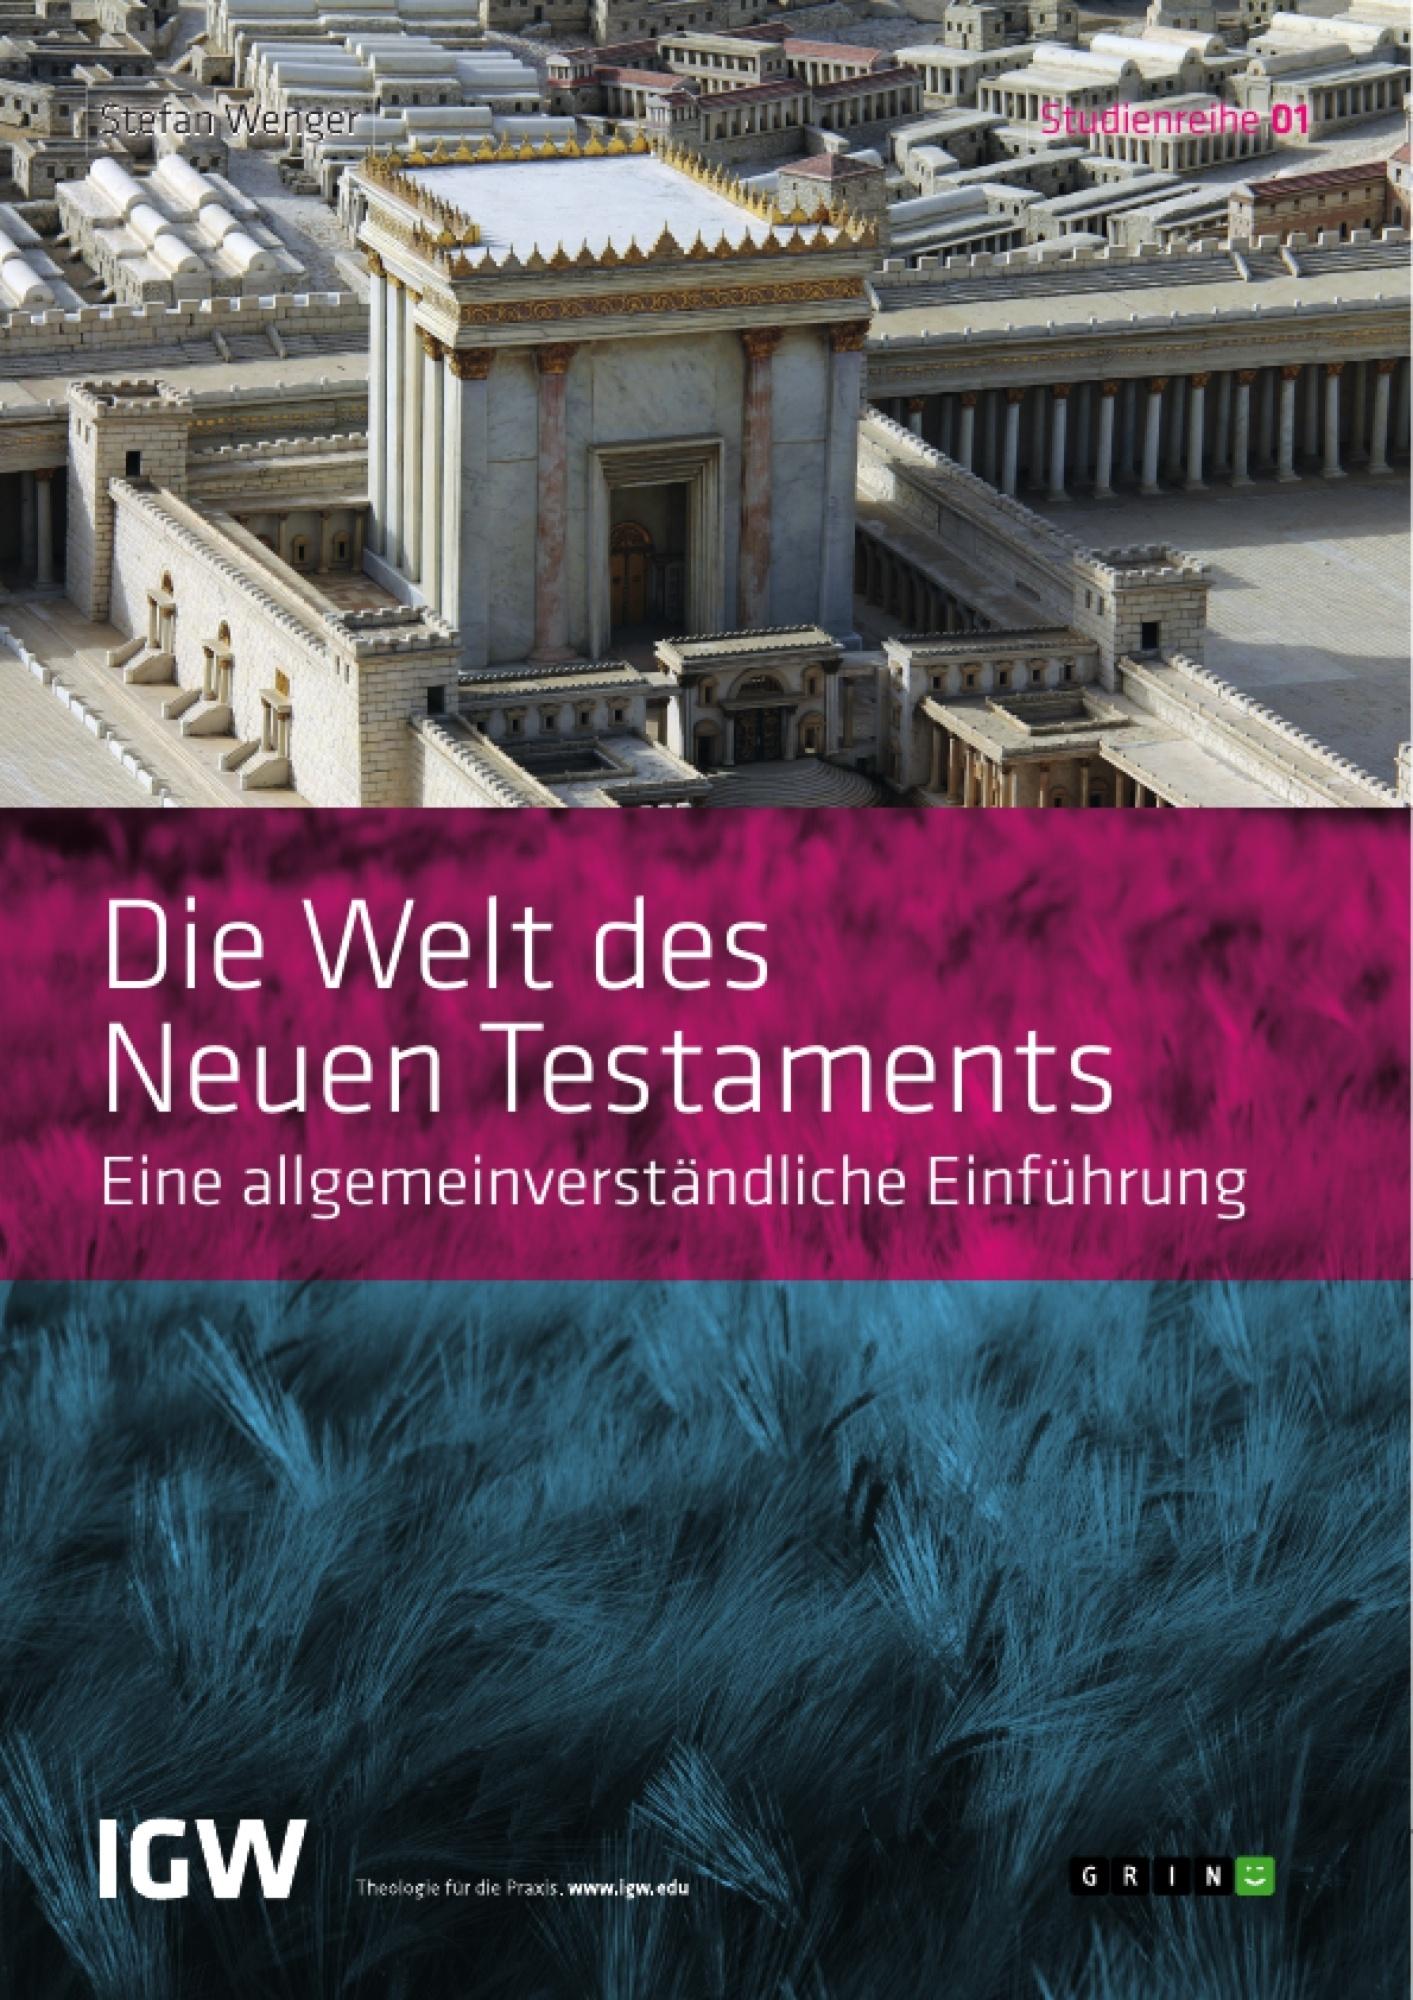 Titel: Die Welt des Neuen Testaments. Eine allgemeinverständliche Einführung